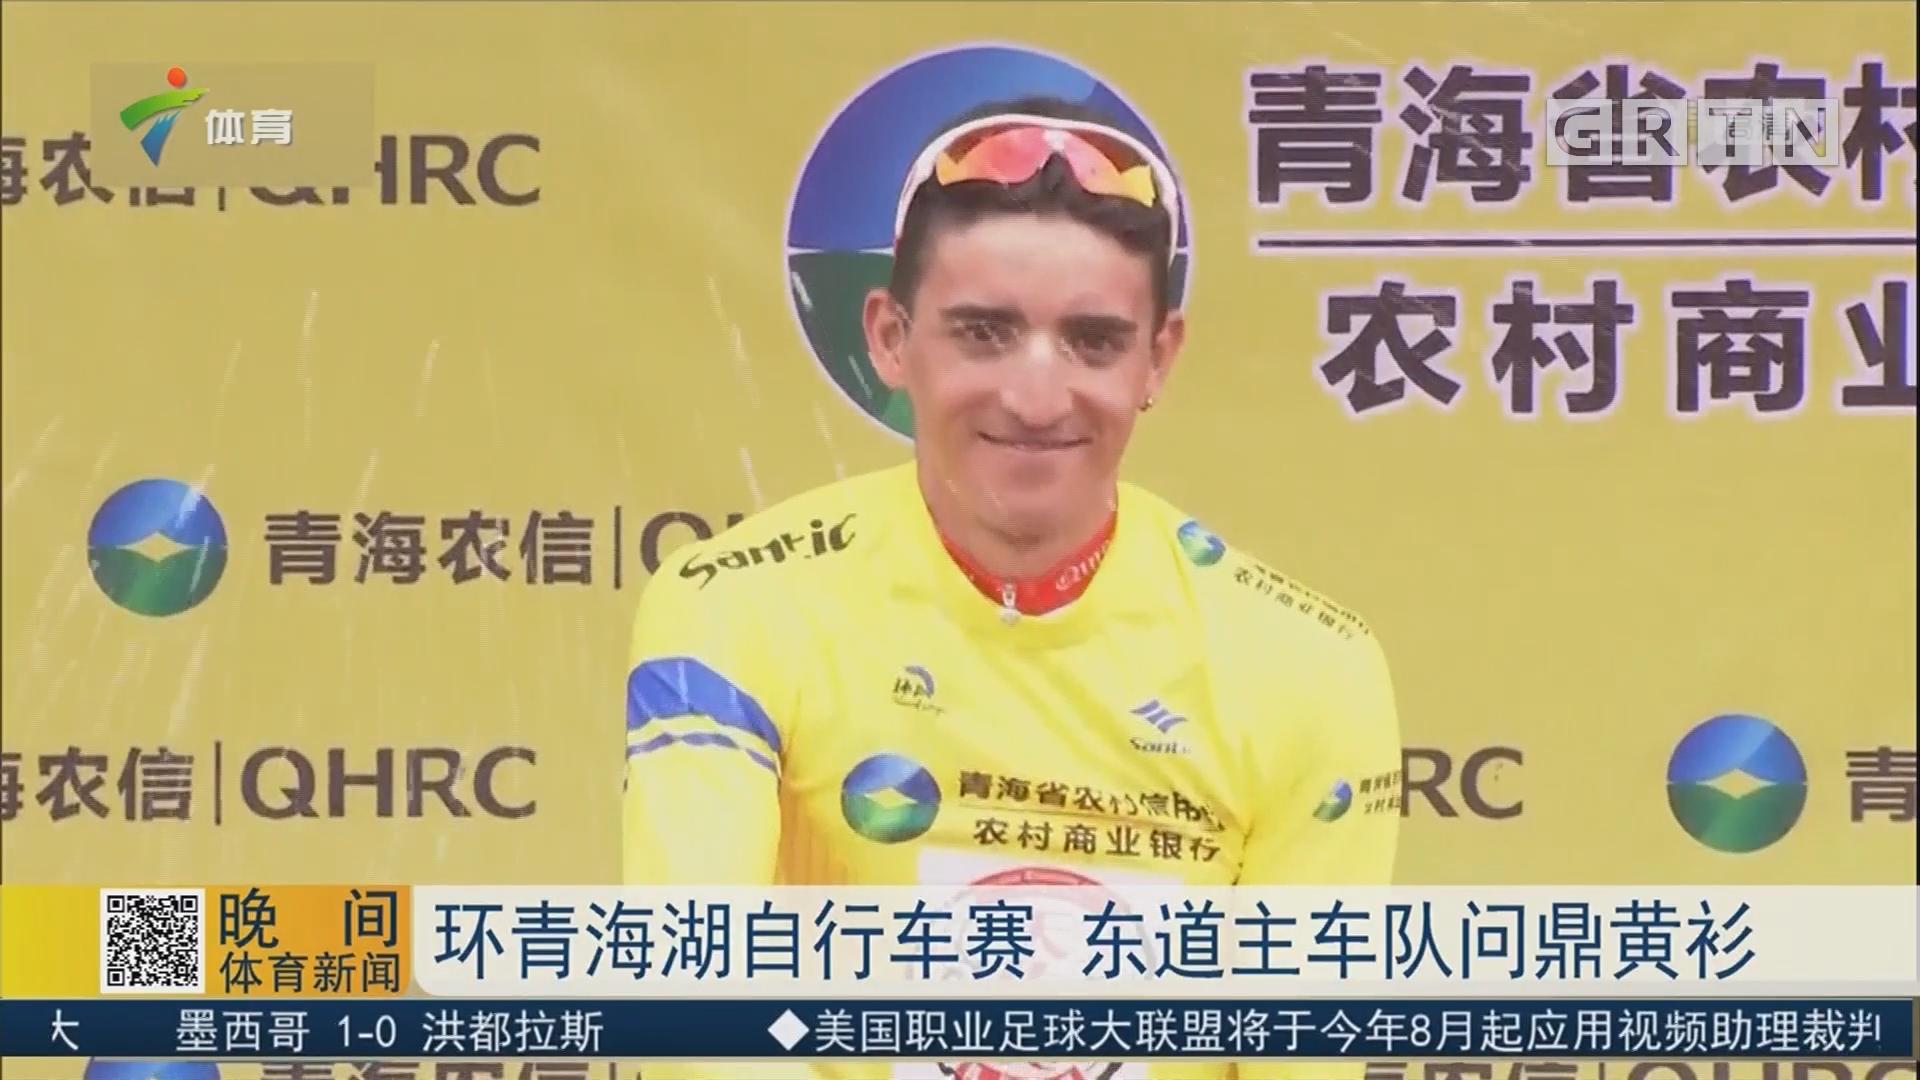 环青海湖自行车赛 东道主车队问鼎黄衫